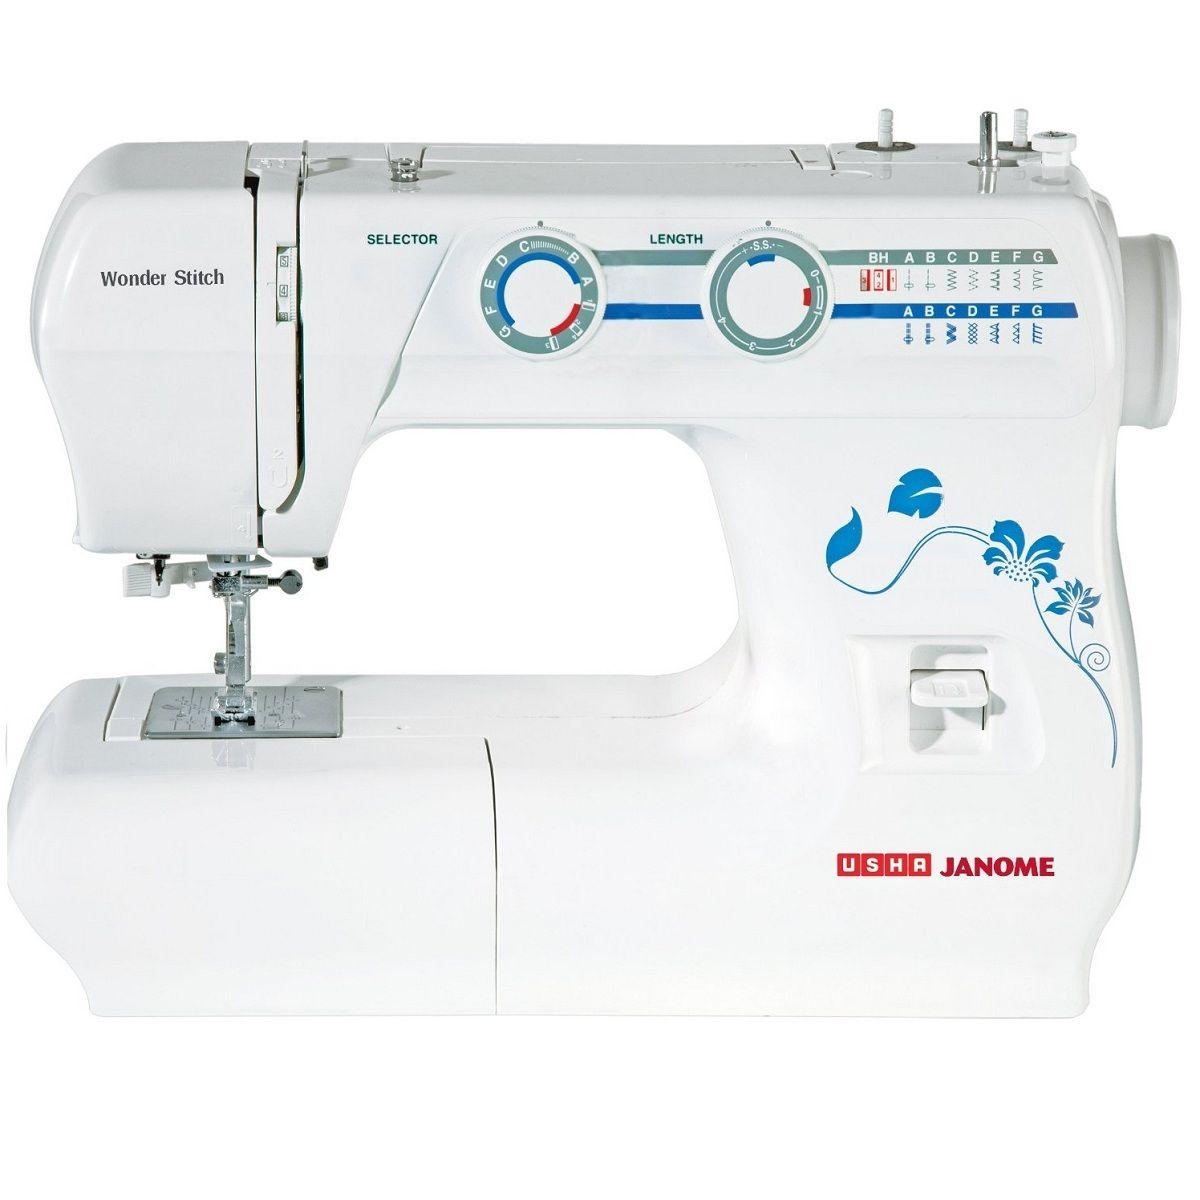 Buy usha wonder stitch sewing machine online at best price